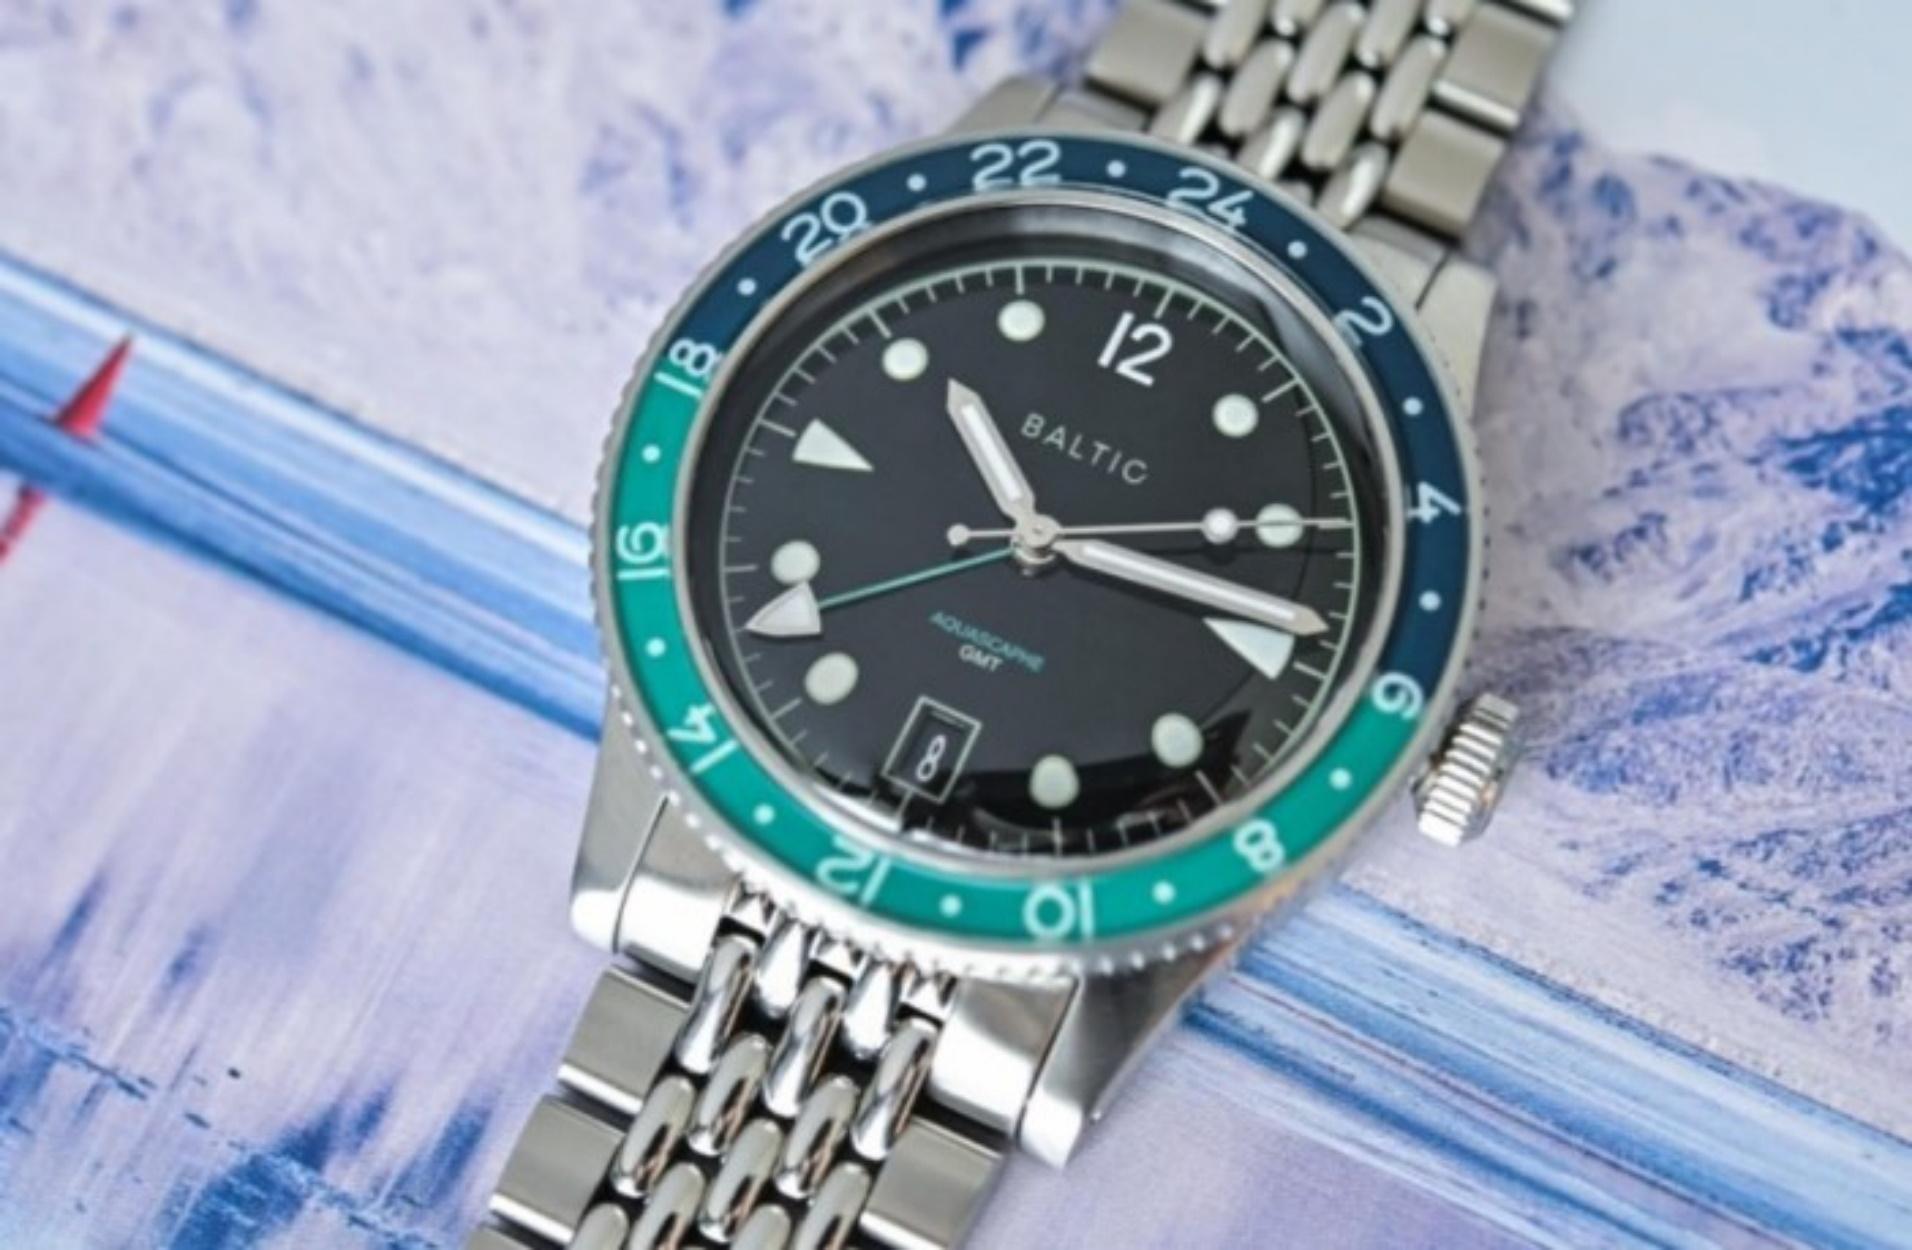 Ένα ρετρό και προσιτό καταδυτικό ρολόι που μπορείτε να φοράτε όλη μέρα